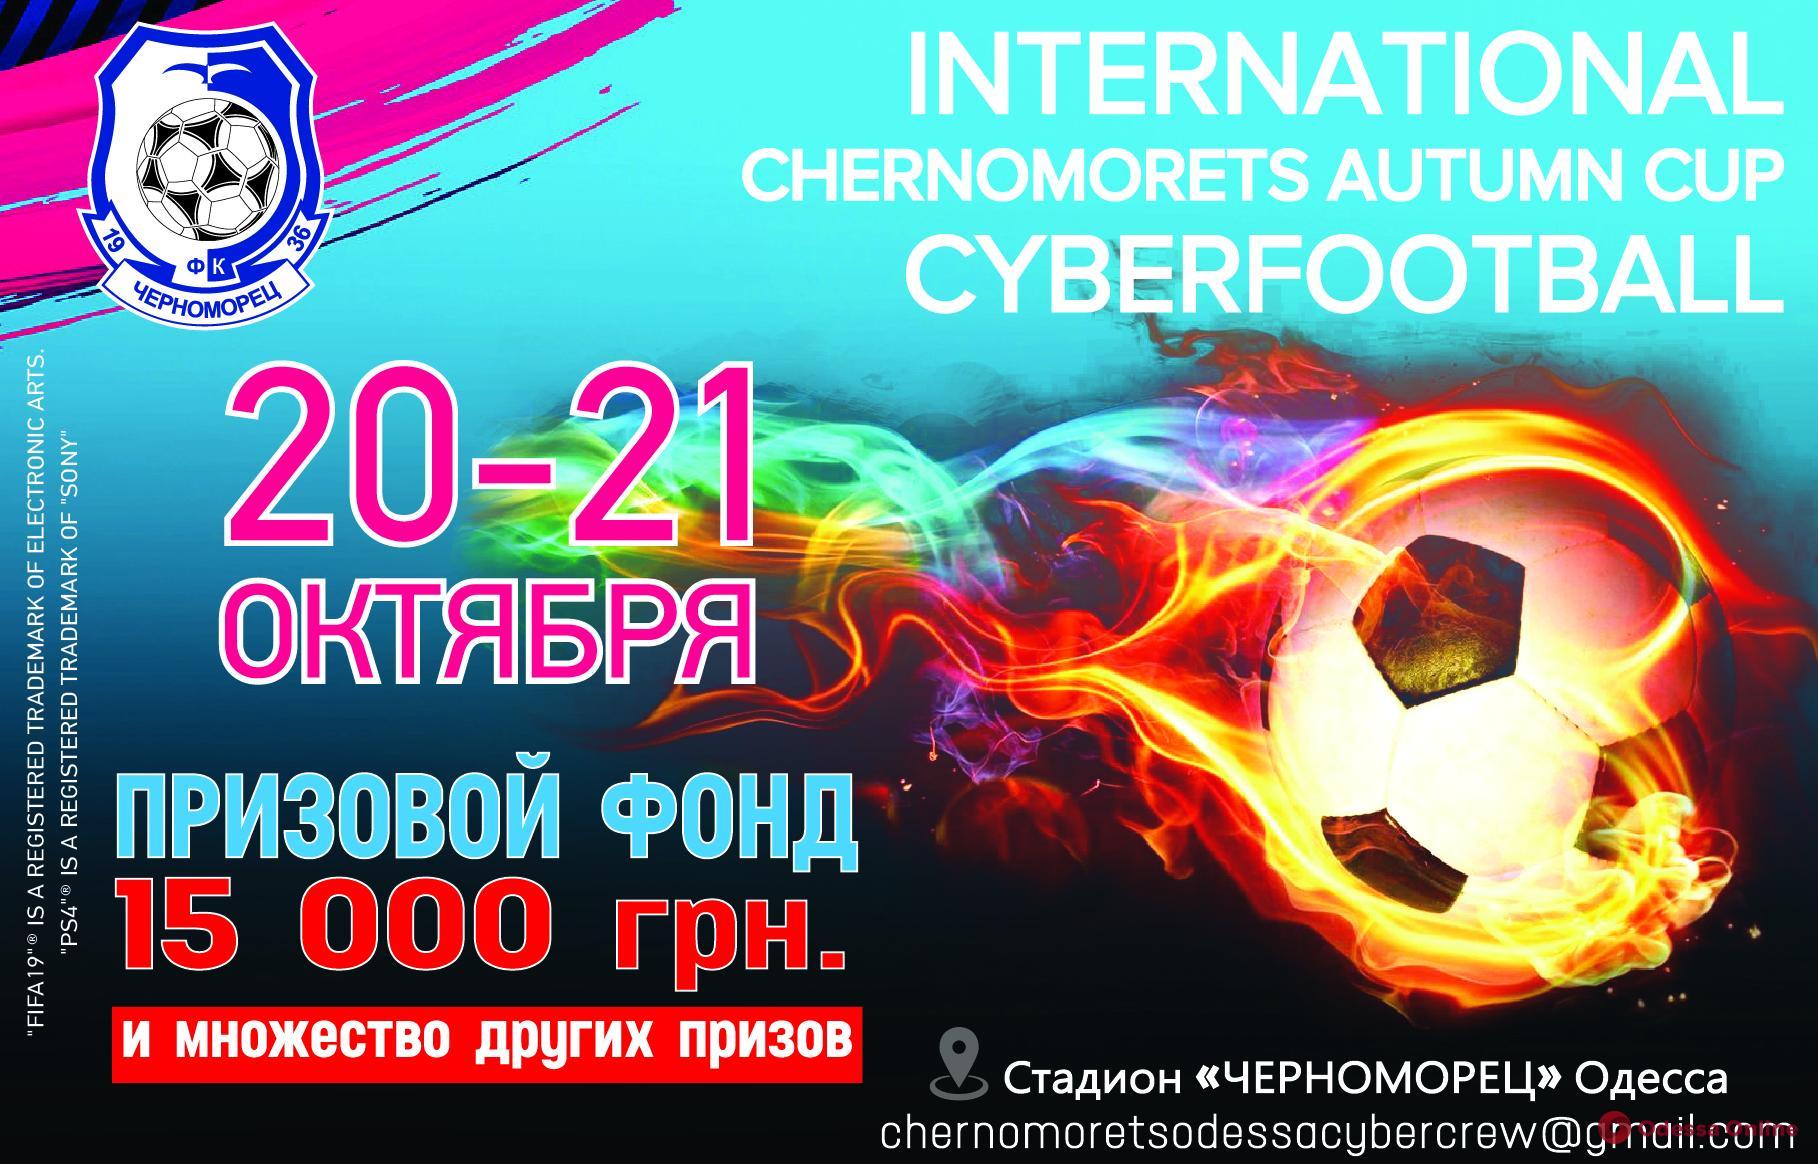 В Одессе пройдет международный турнир по киберфутболу